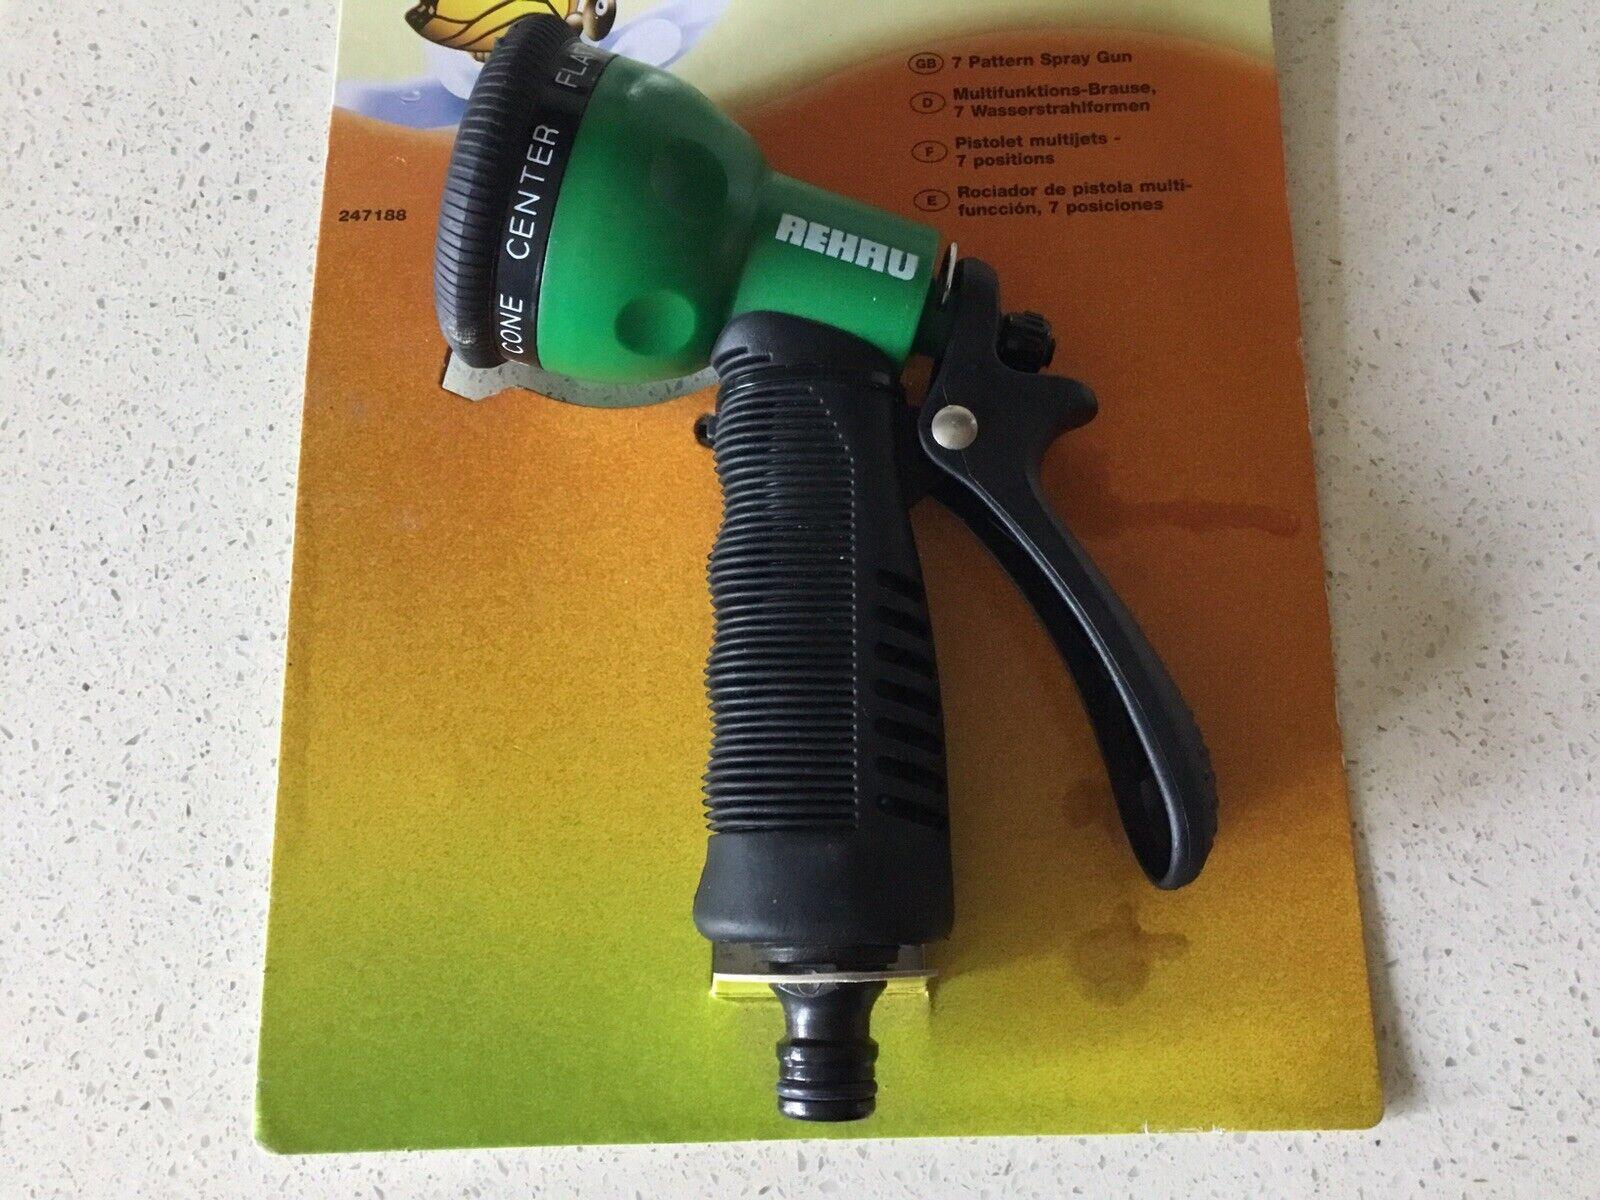 REHAU REH247068 Adjustable Brass Tip Spray Gun